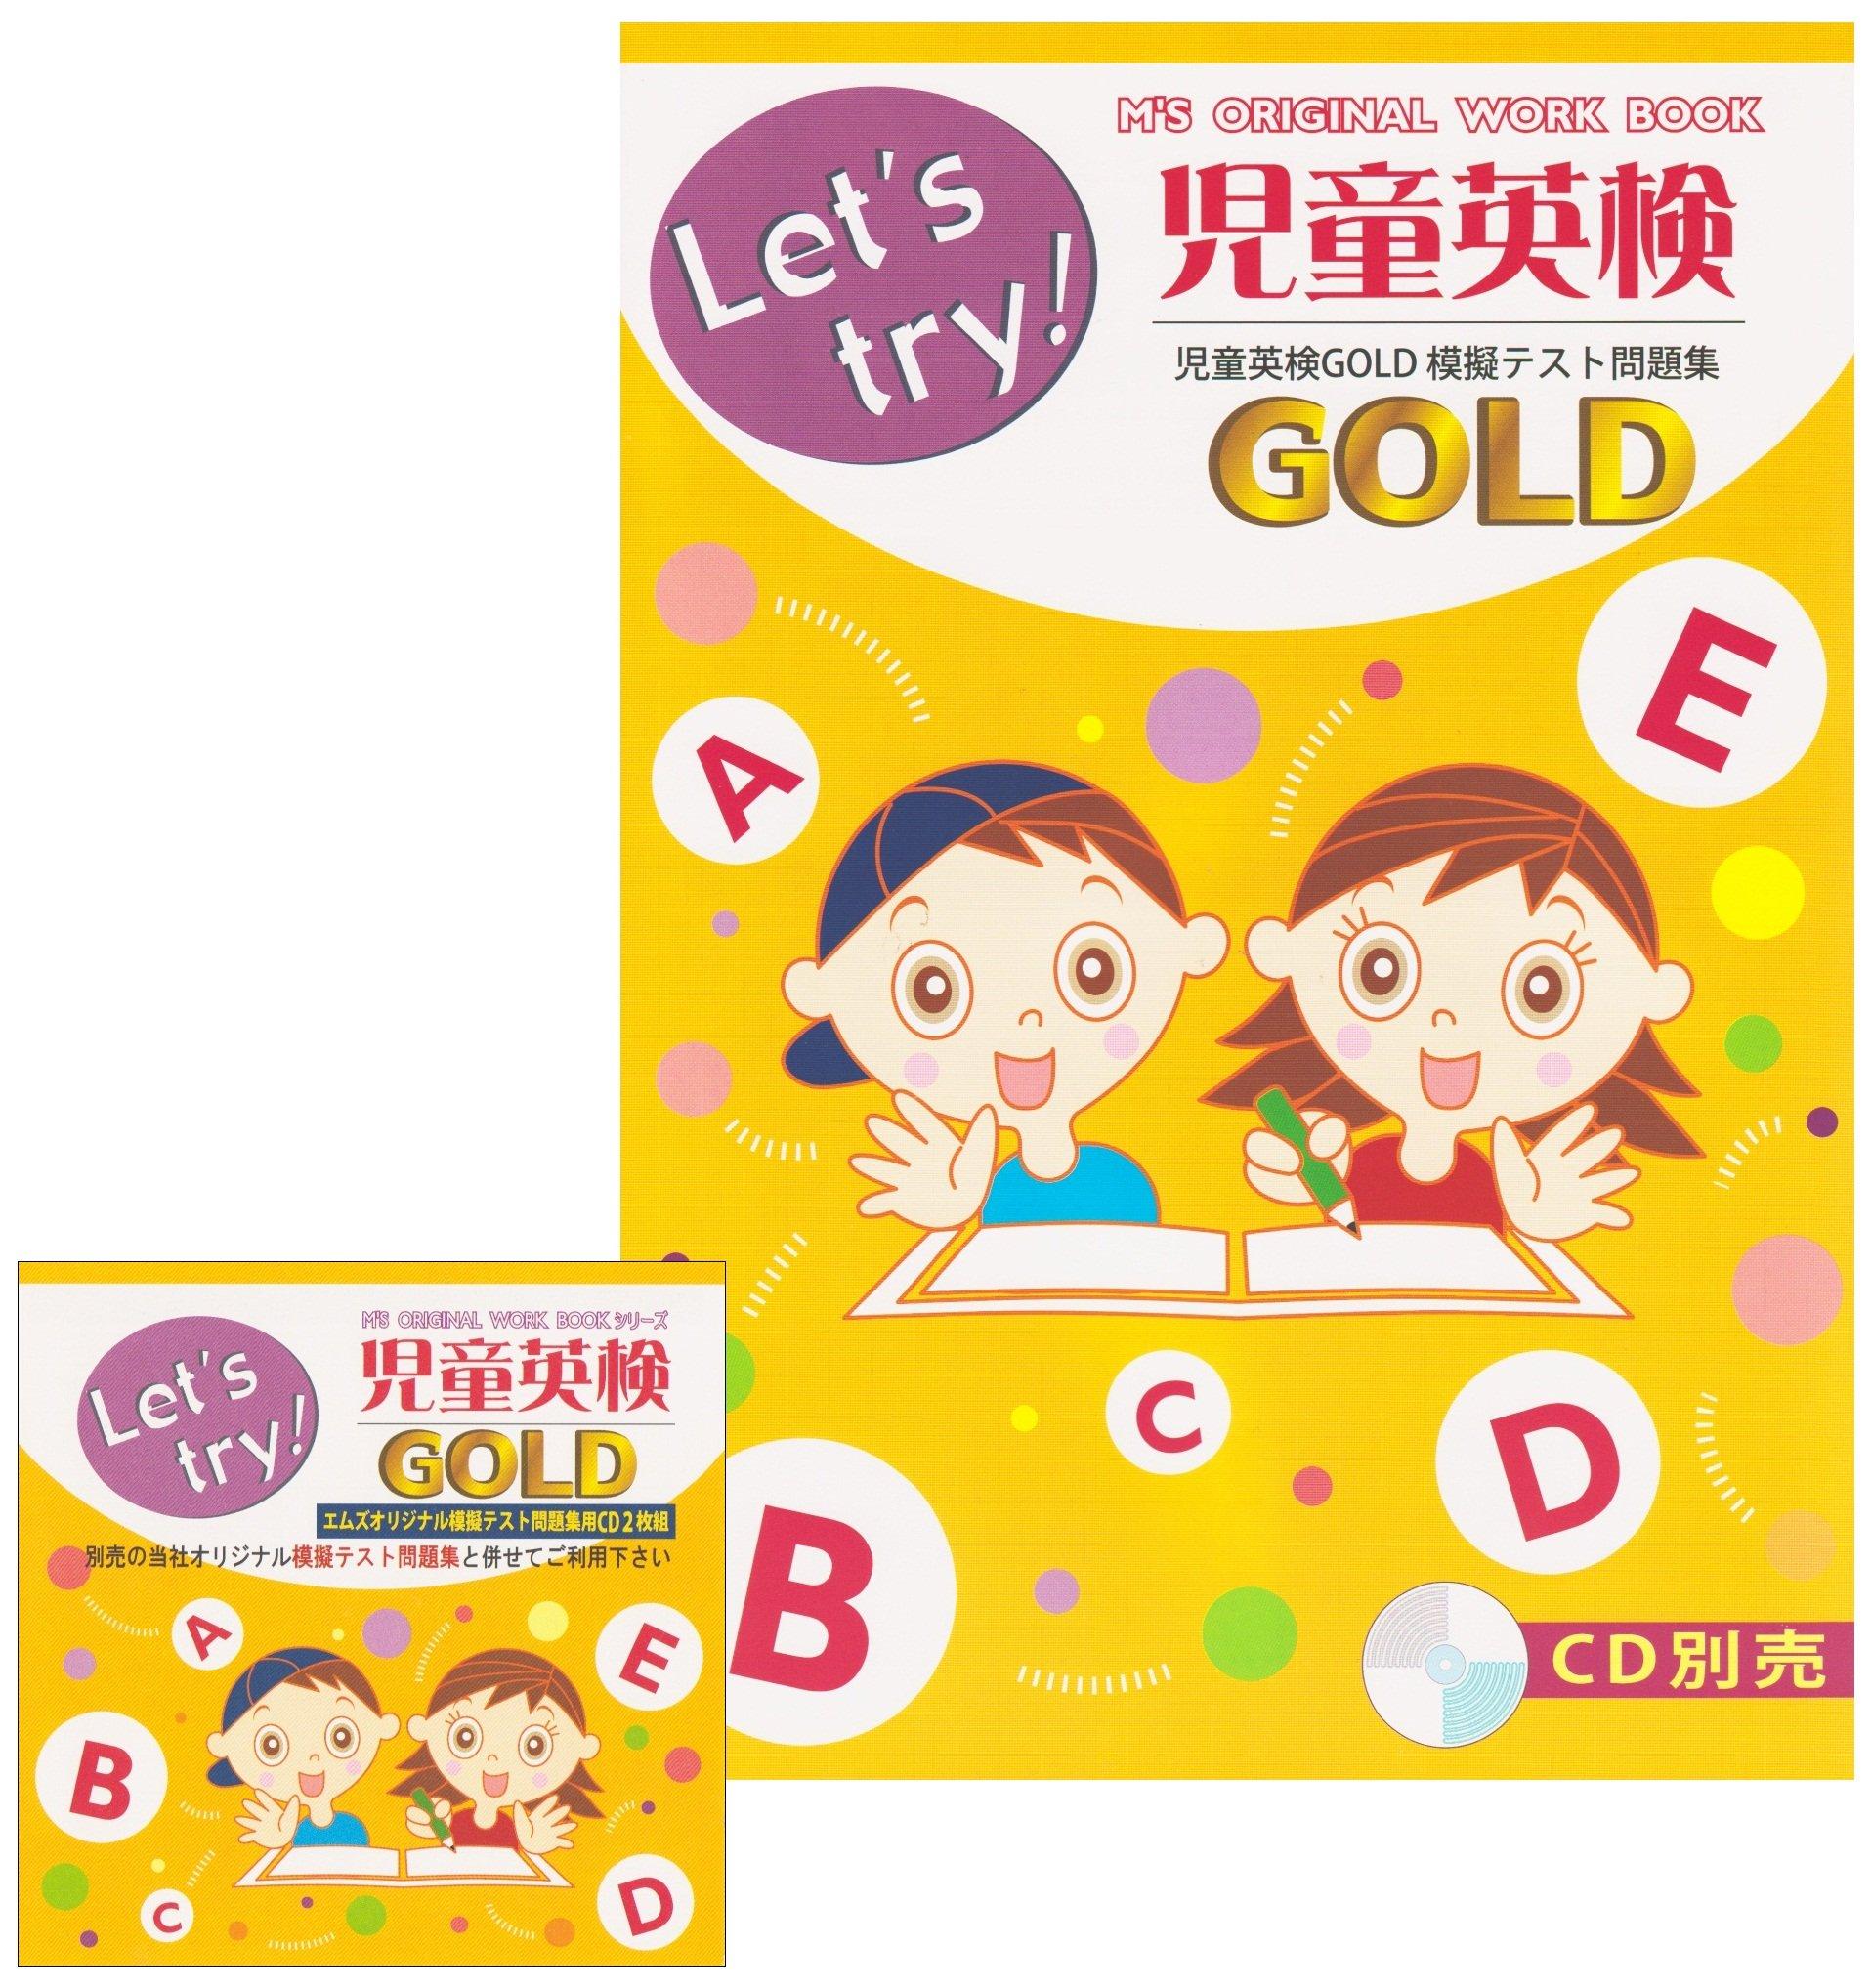 かっこいい小学生参考書ブログ : 漢字問題集 小学生 : 小学生